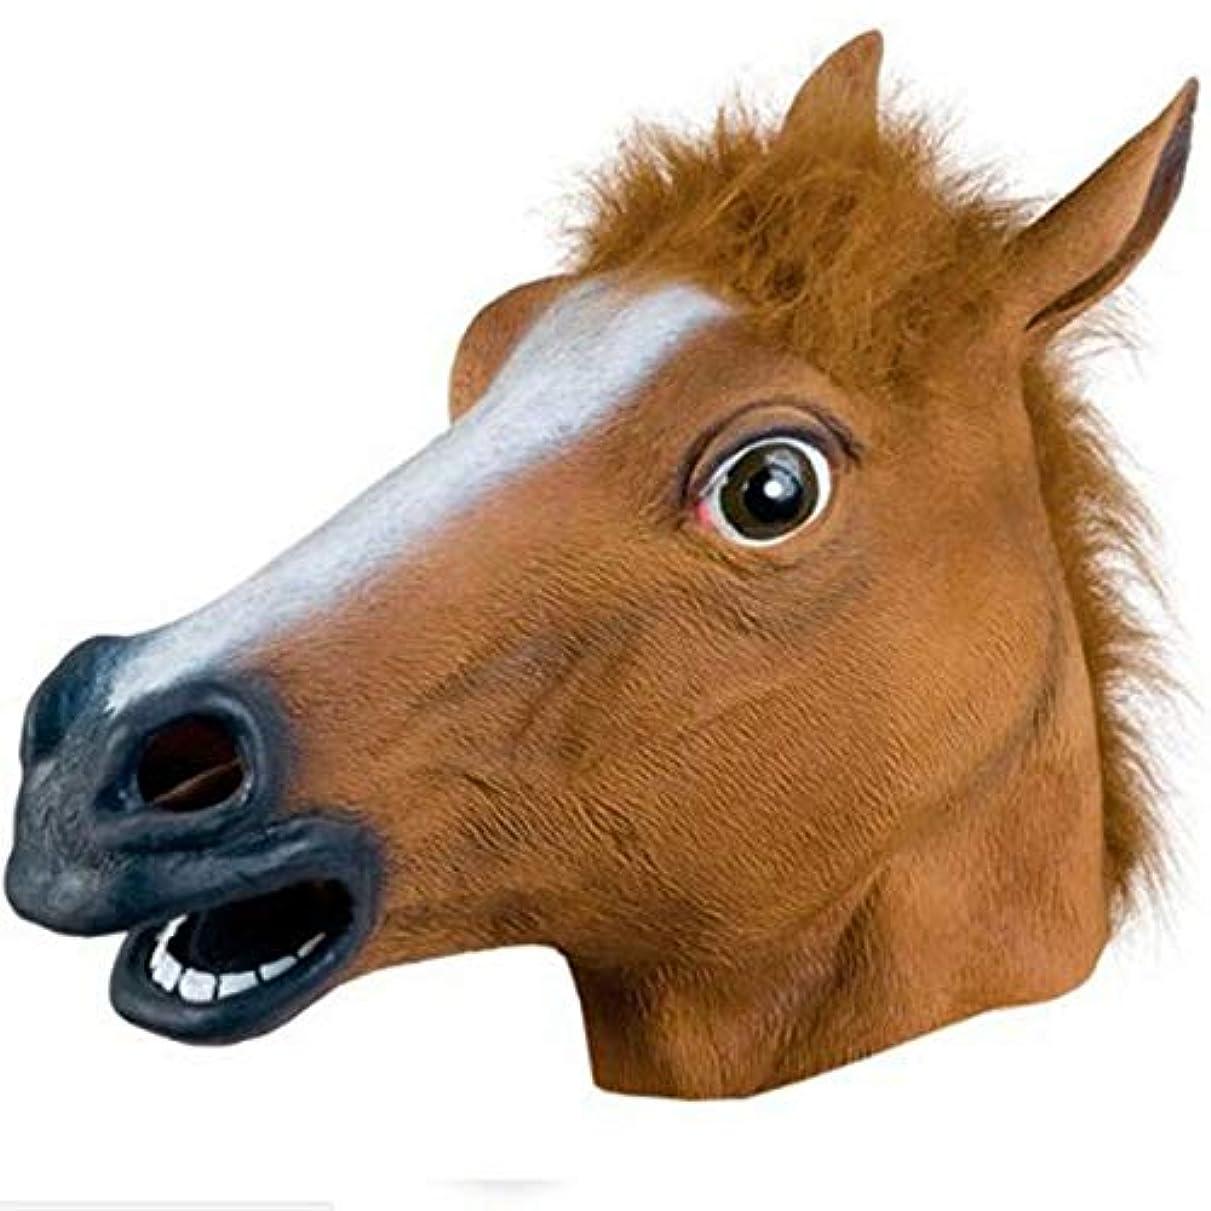 決めますコーデリア賄賂馬の頭の仮面舞踏会おかしい面白いハロウィーンの馬の頭のマスクのかつら,ブラウン